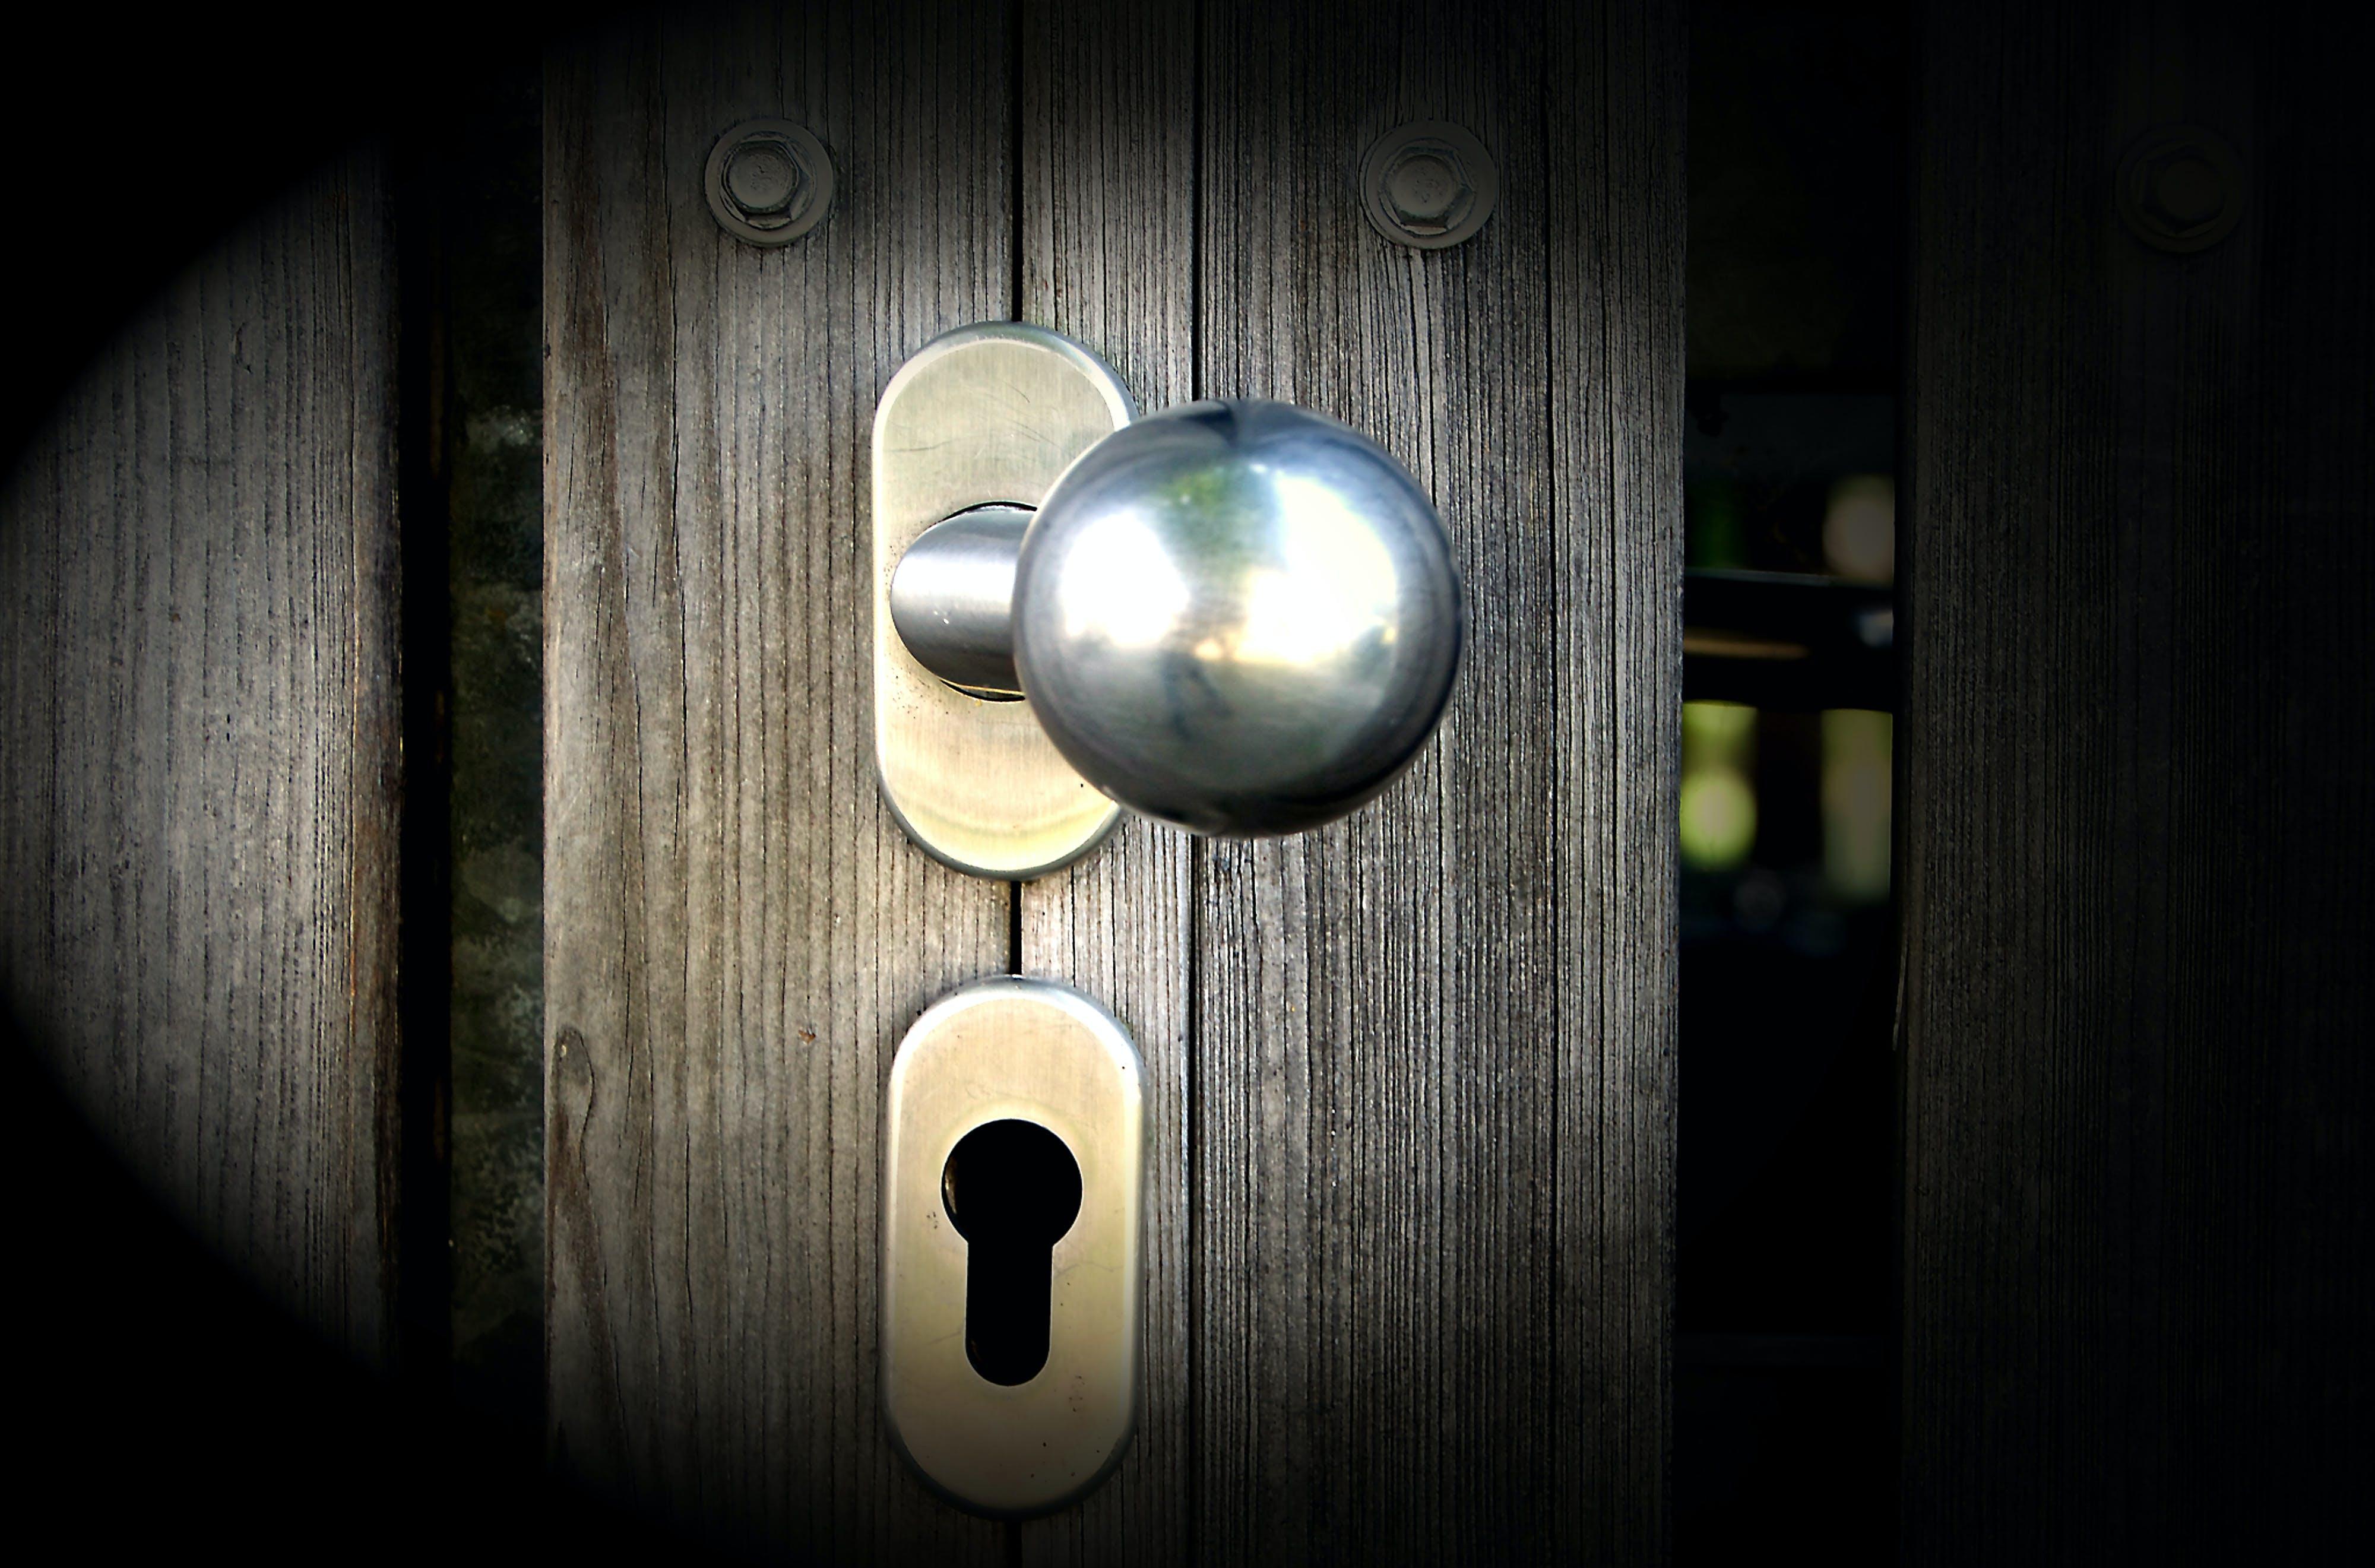 Silver Door Knob and Deadbolt